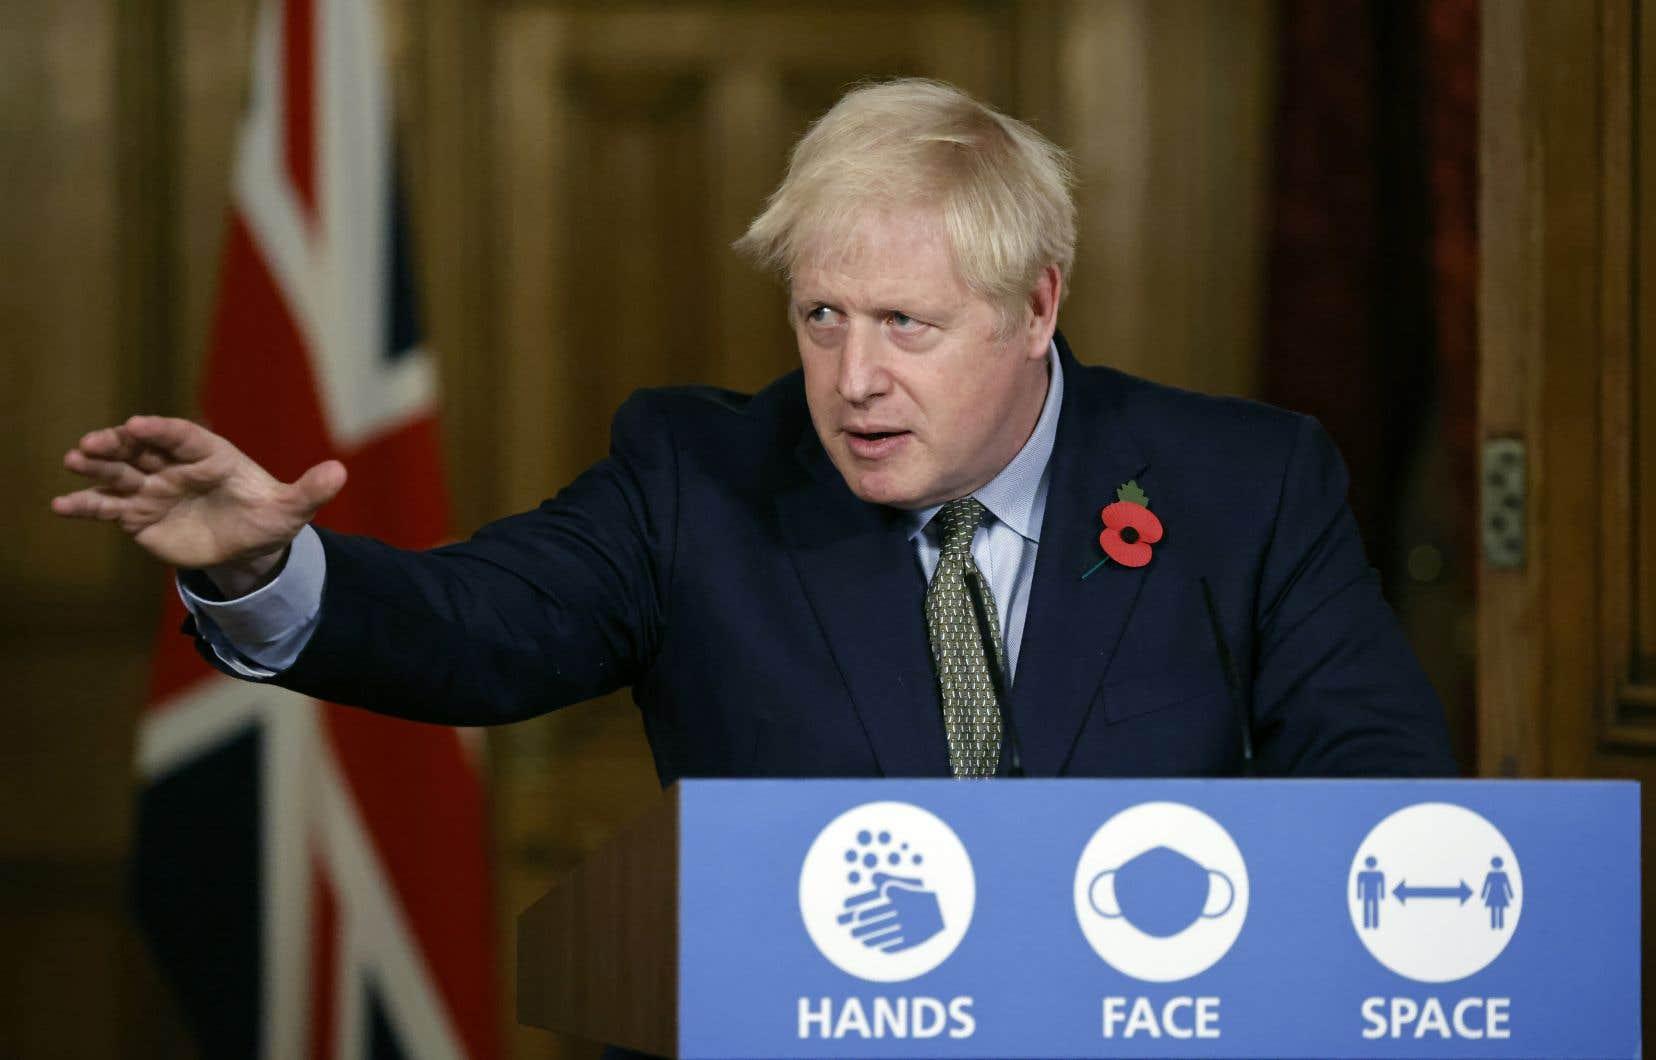 Le premier ministre britannique, Boris Johnson, a précisé avoir «aucun symptôme» de la maladie.